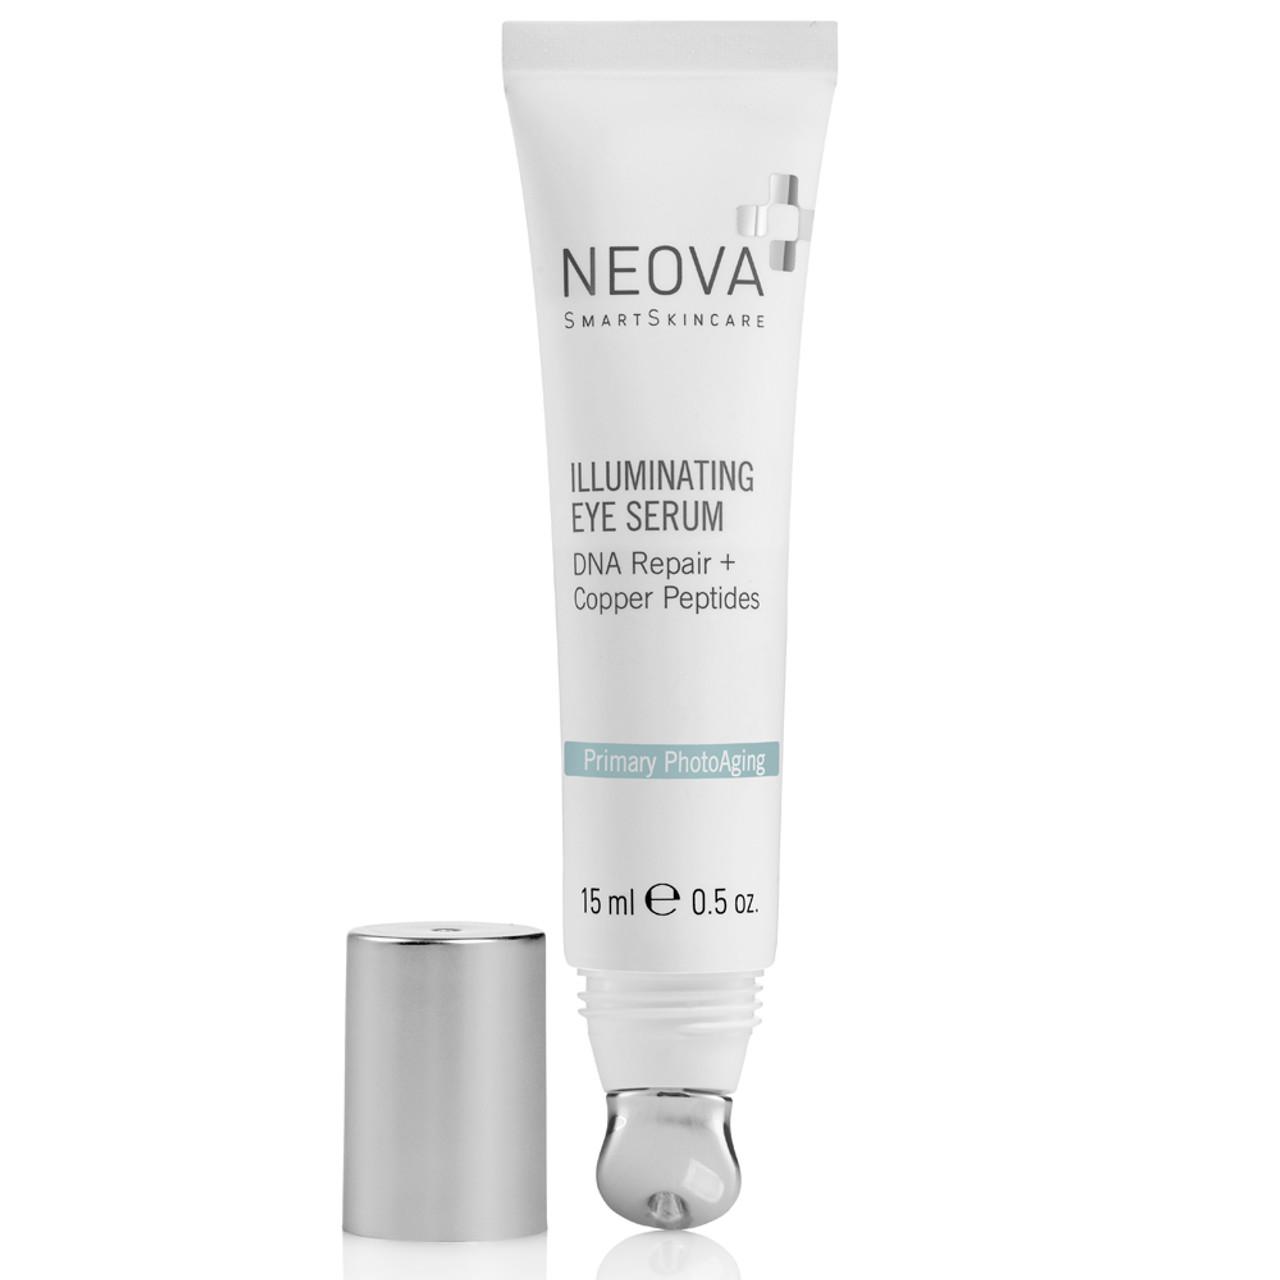 Neova Illuminating Eye Serum